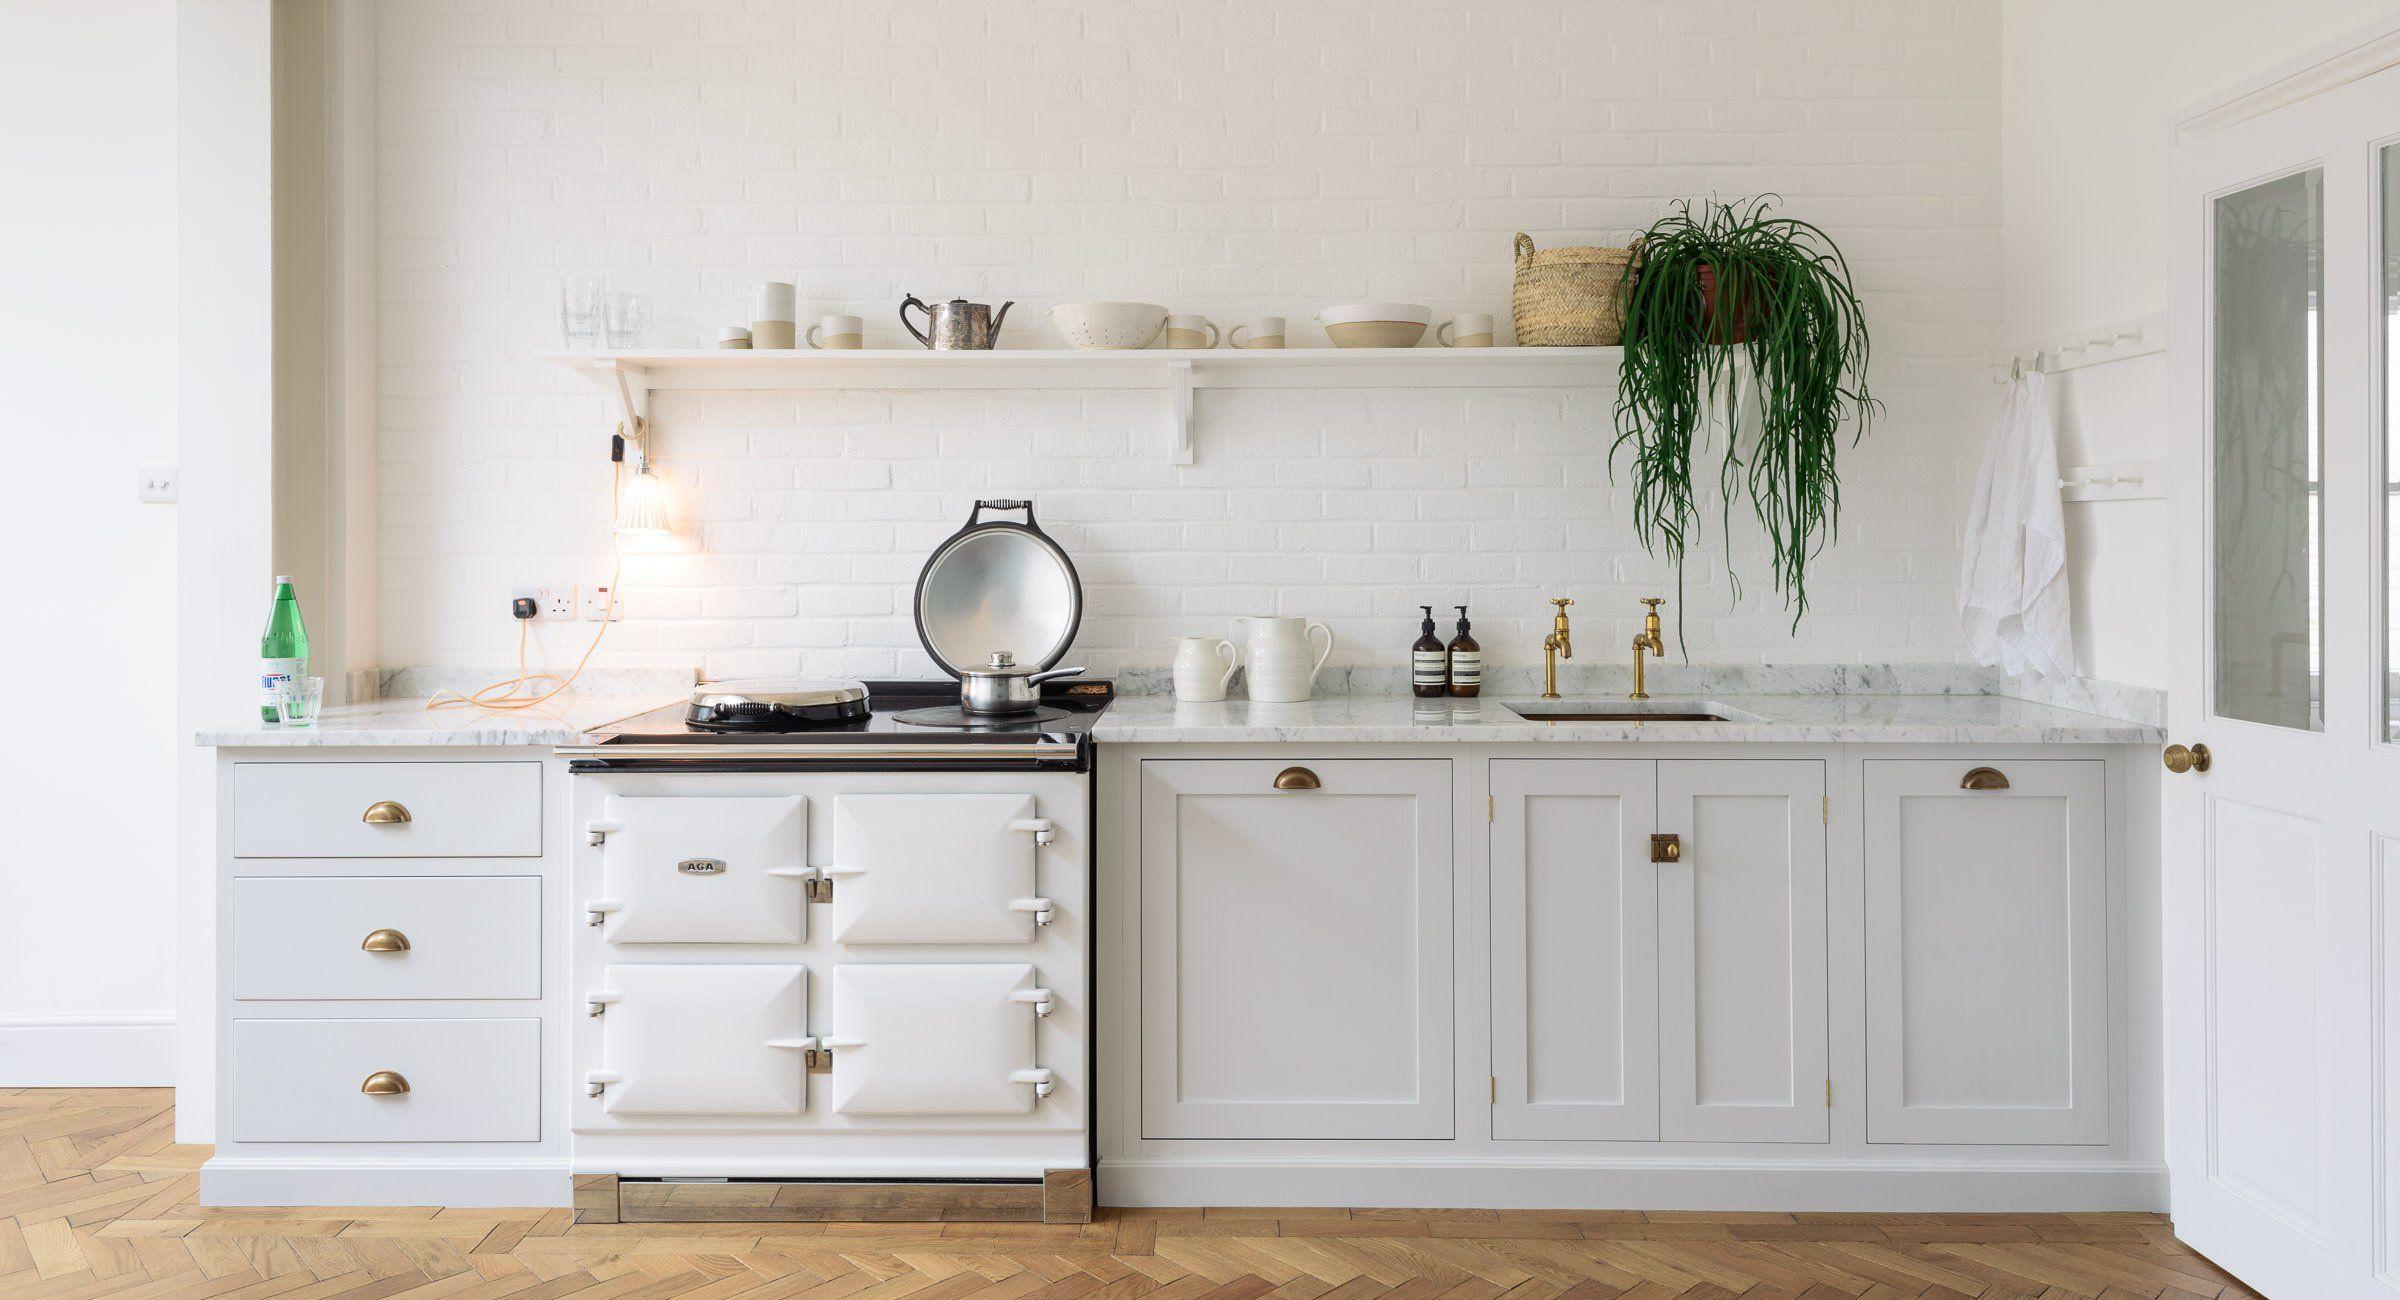 The Strawberry Hill Kitchen Devol Kitchens Shaker Kitchen Design Devol Kitchens Open Plan Kitchen Inspiration